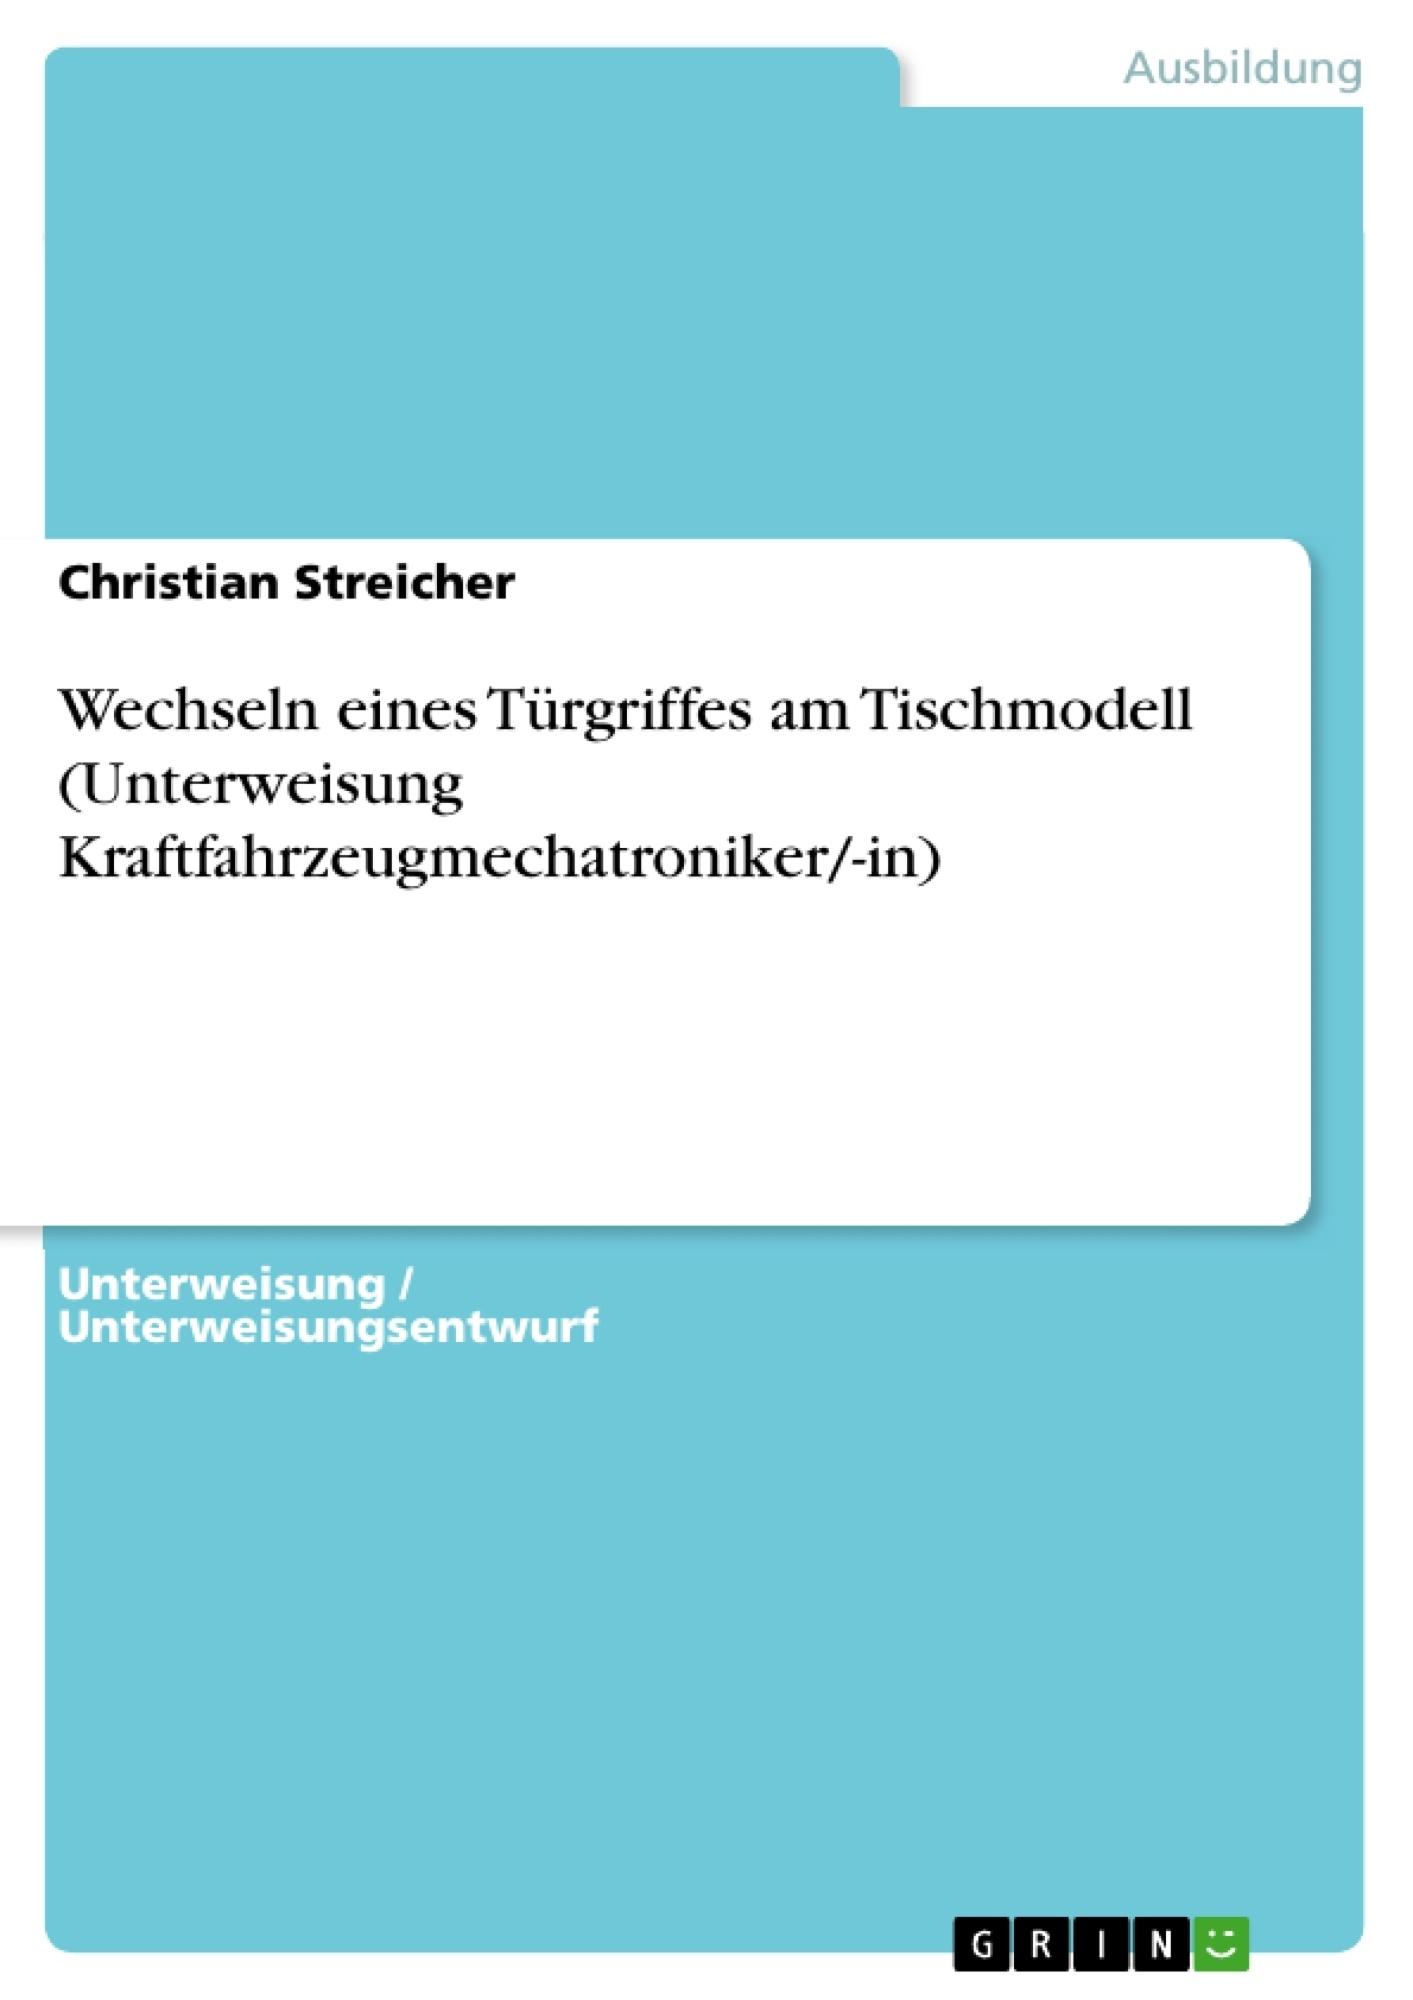 Titel: Wechseln eines Türgriffes am Tischmodell (Unterweisung Kraftfahrzeugmechatroniker/-in)